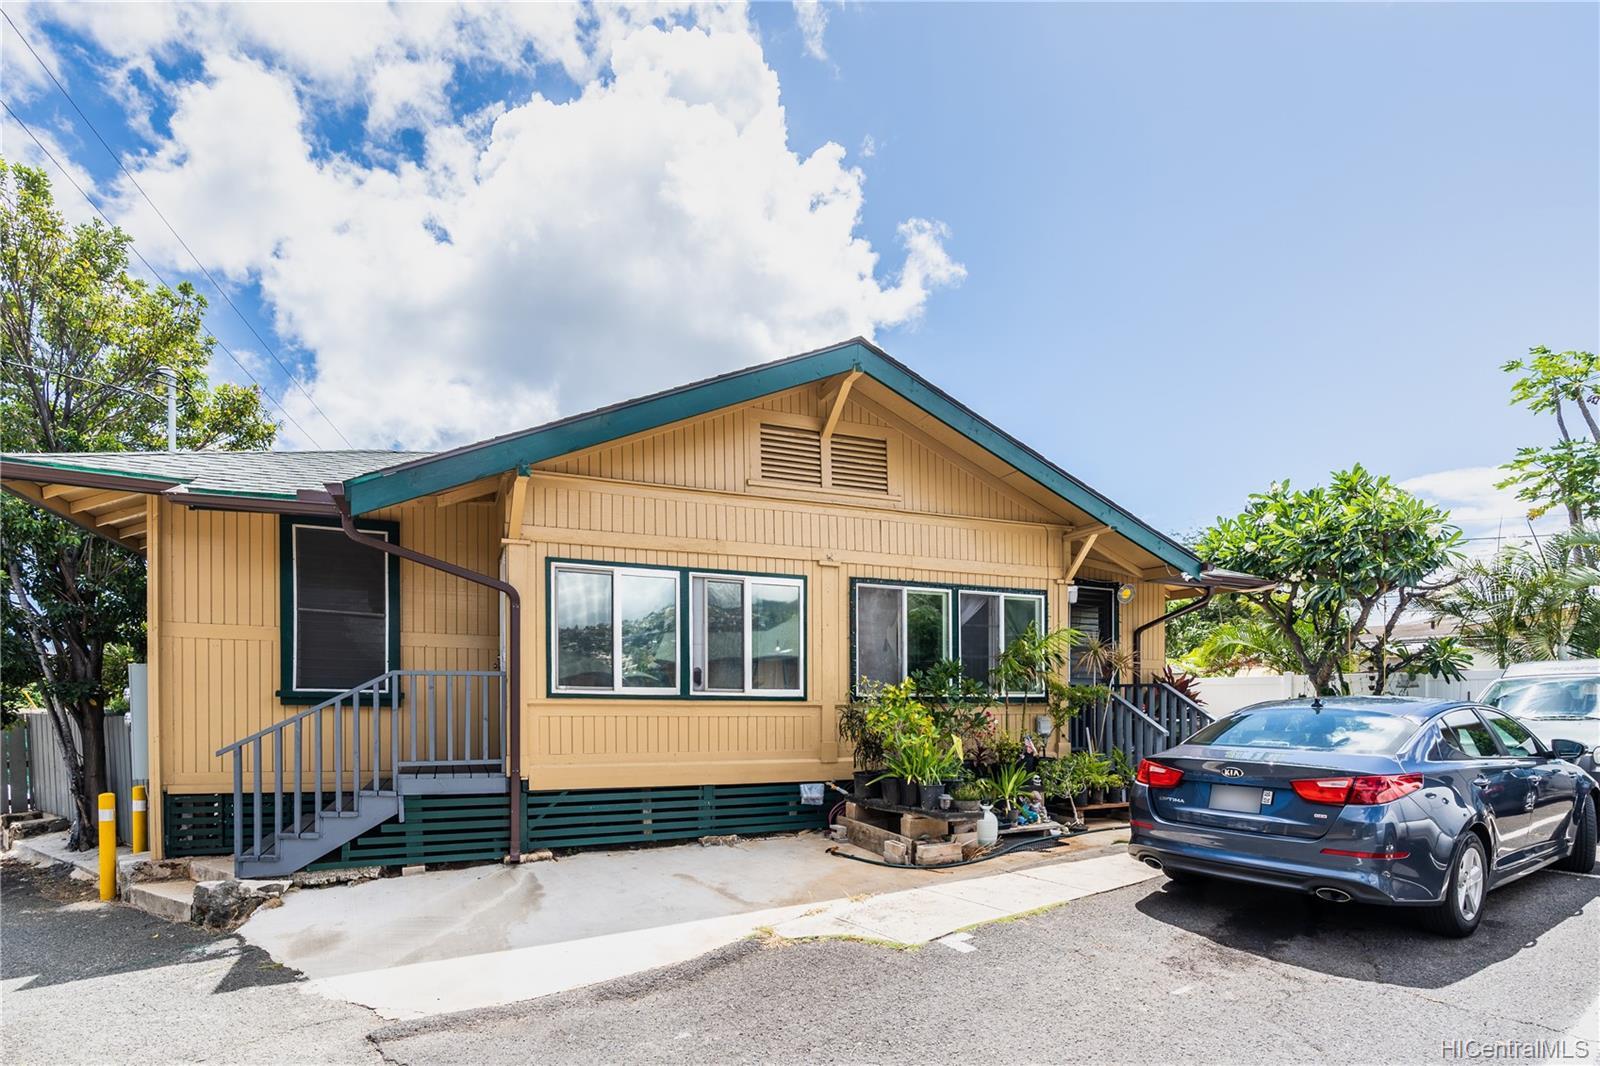 2816 Waialae Ave Honolulu - Multi-family - photo 17 of 21